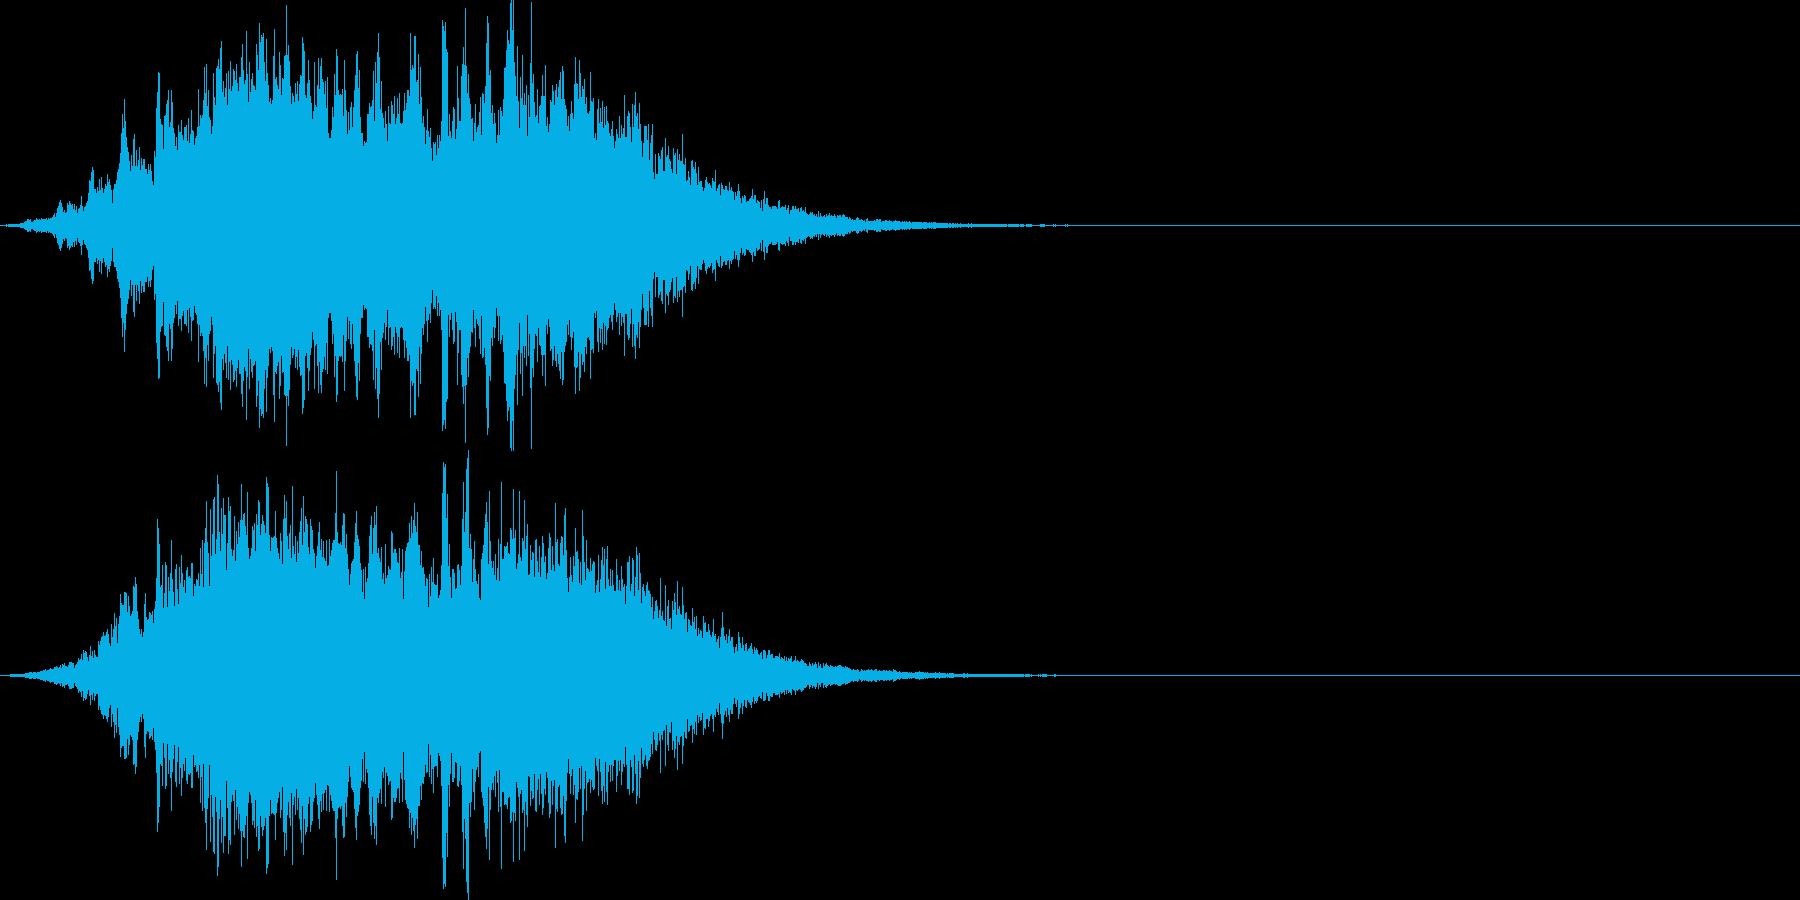 蘇生魔法(魂が戻ってくる)の再生済みの波形